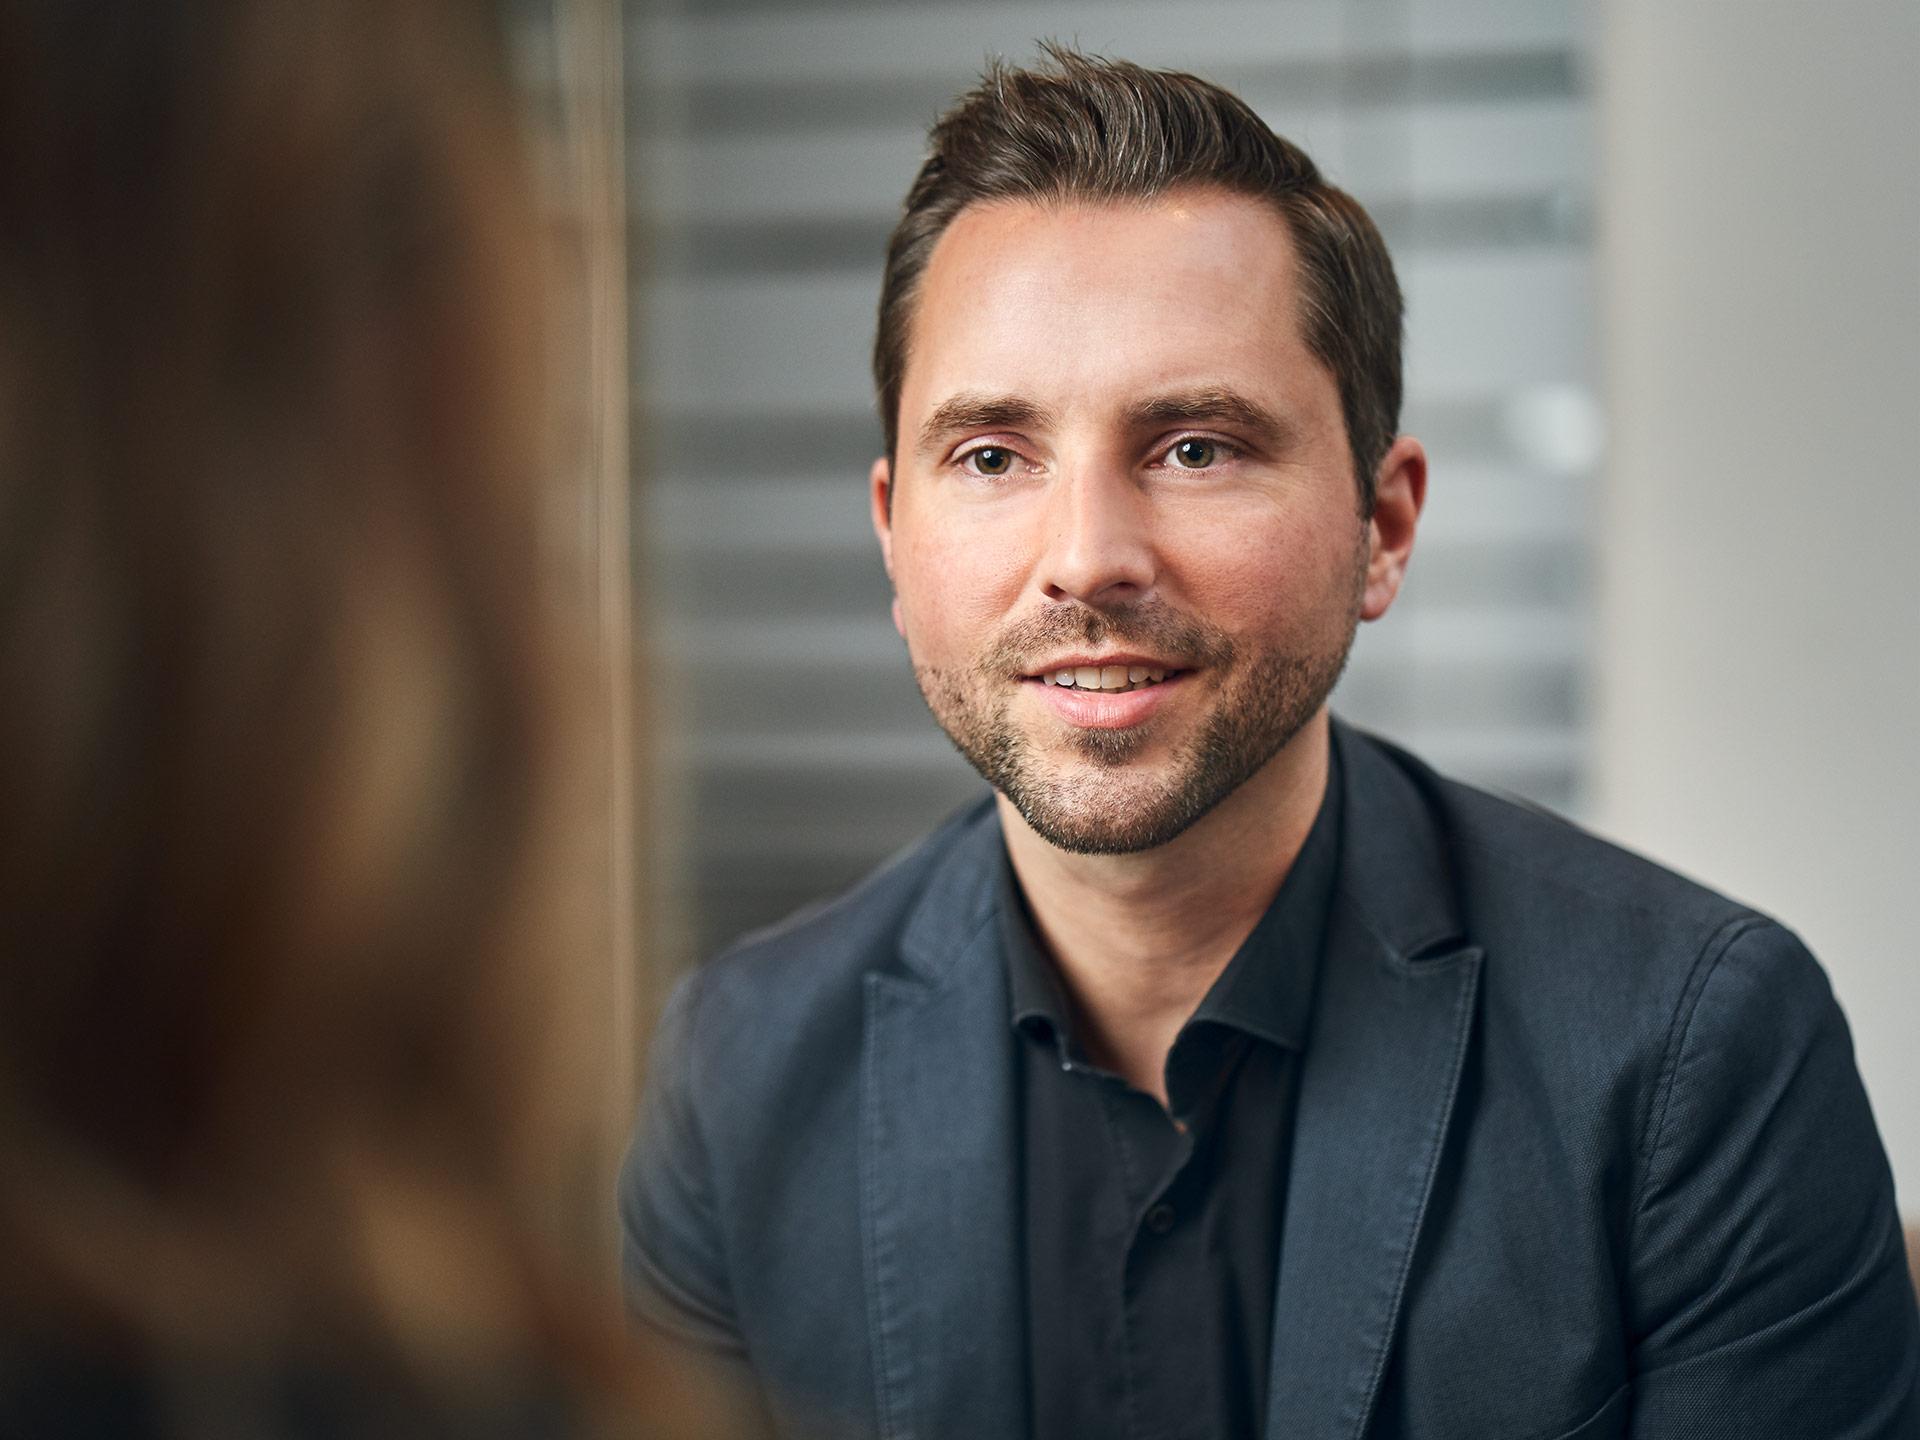 Businessfotografie - Sympathische Businessportraits aus Hamburg